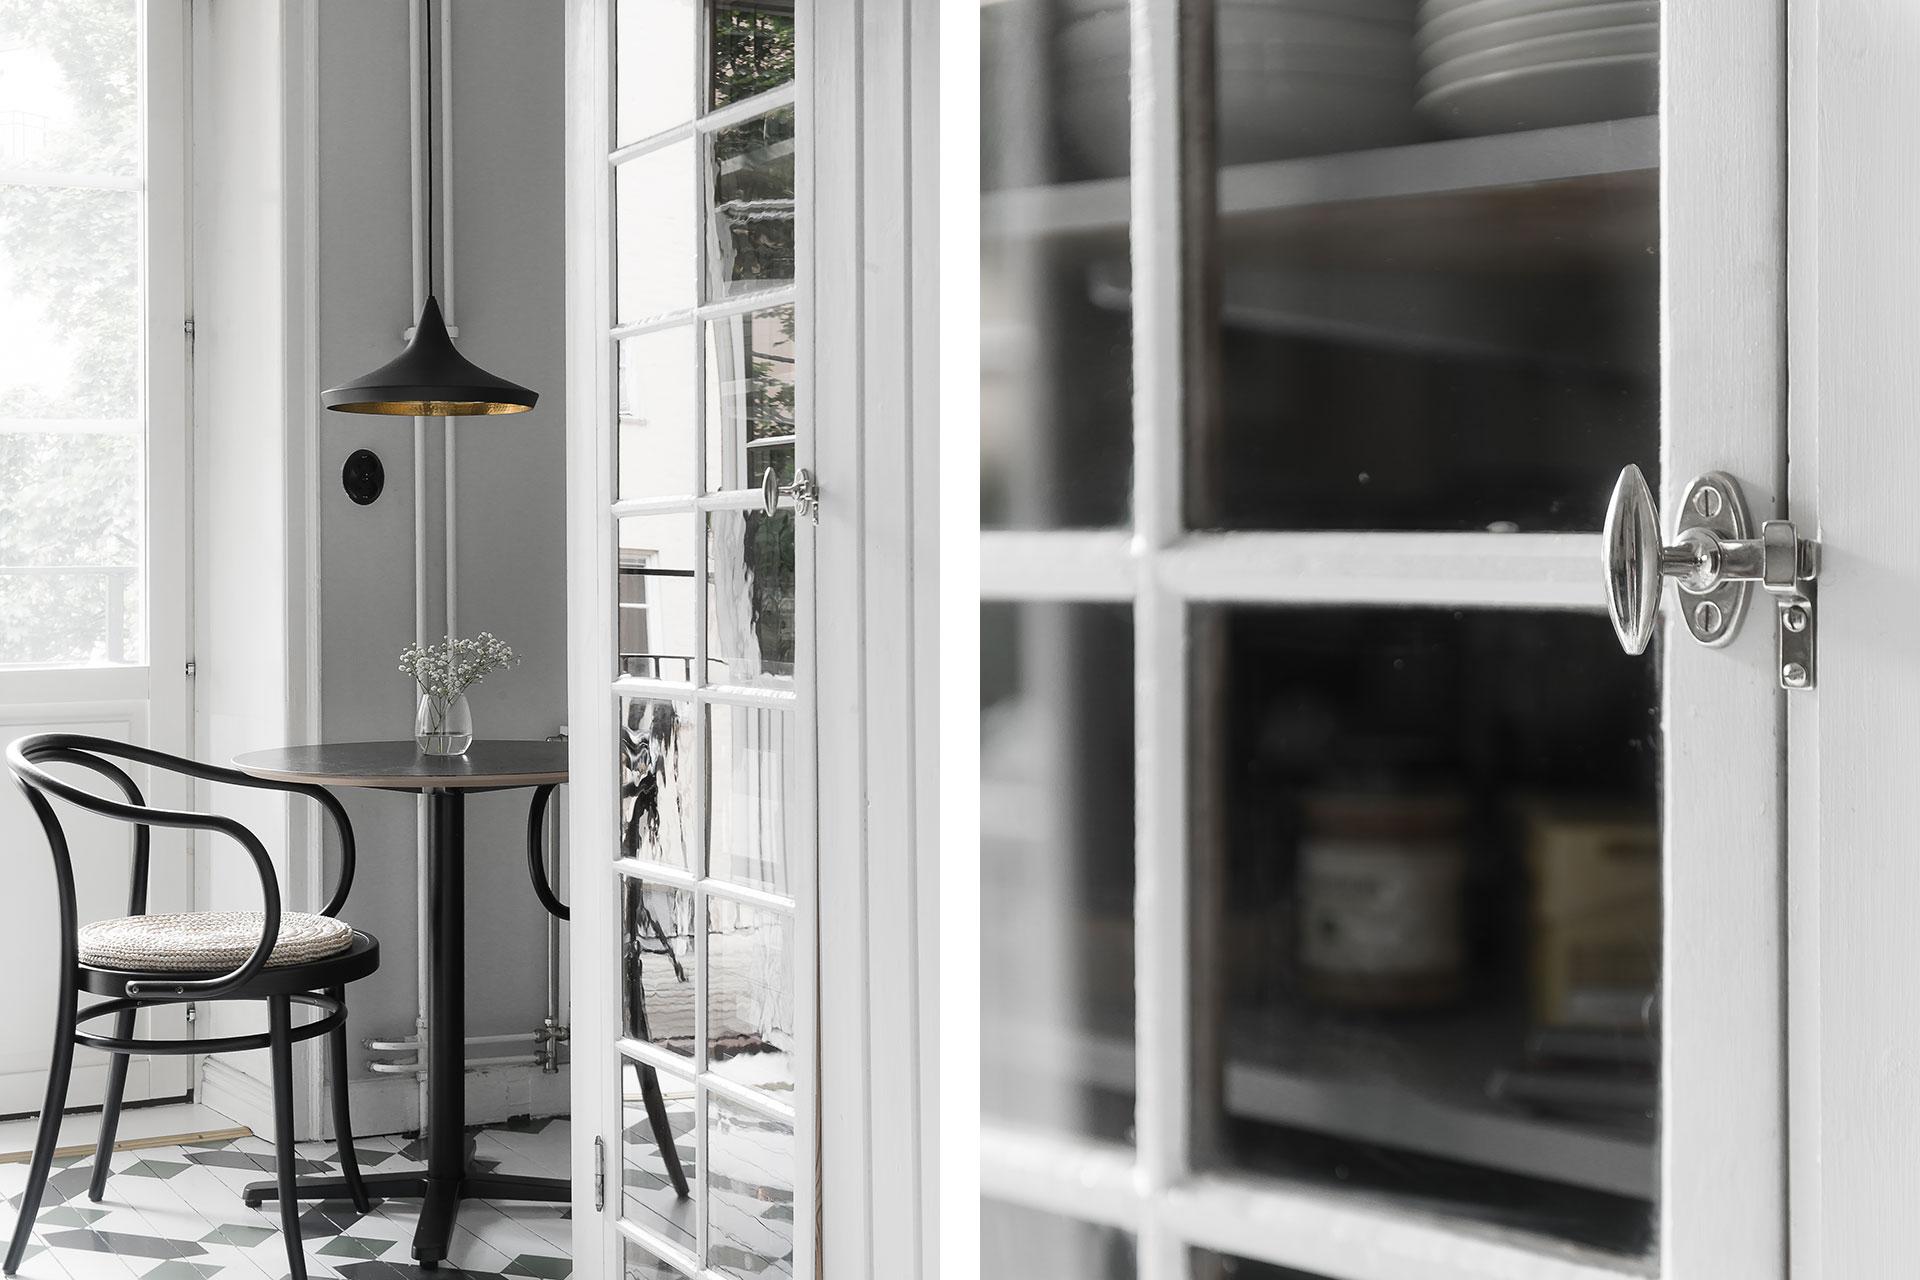 Platsbyggt skåp av gammalt fönster – Husligheter